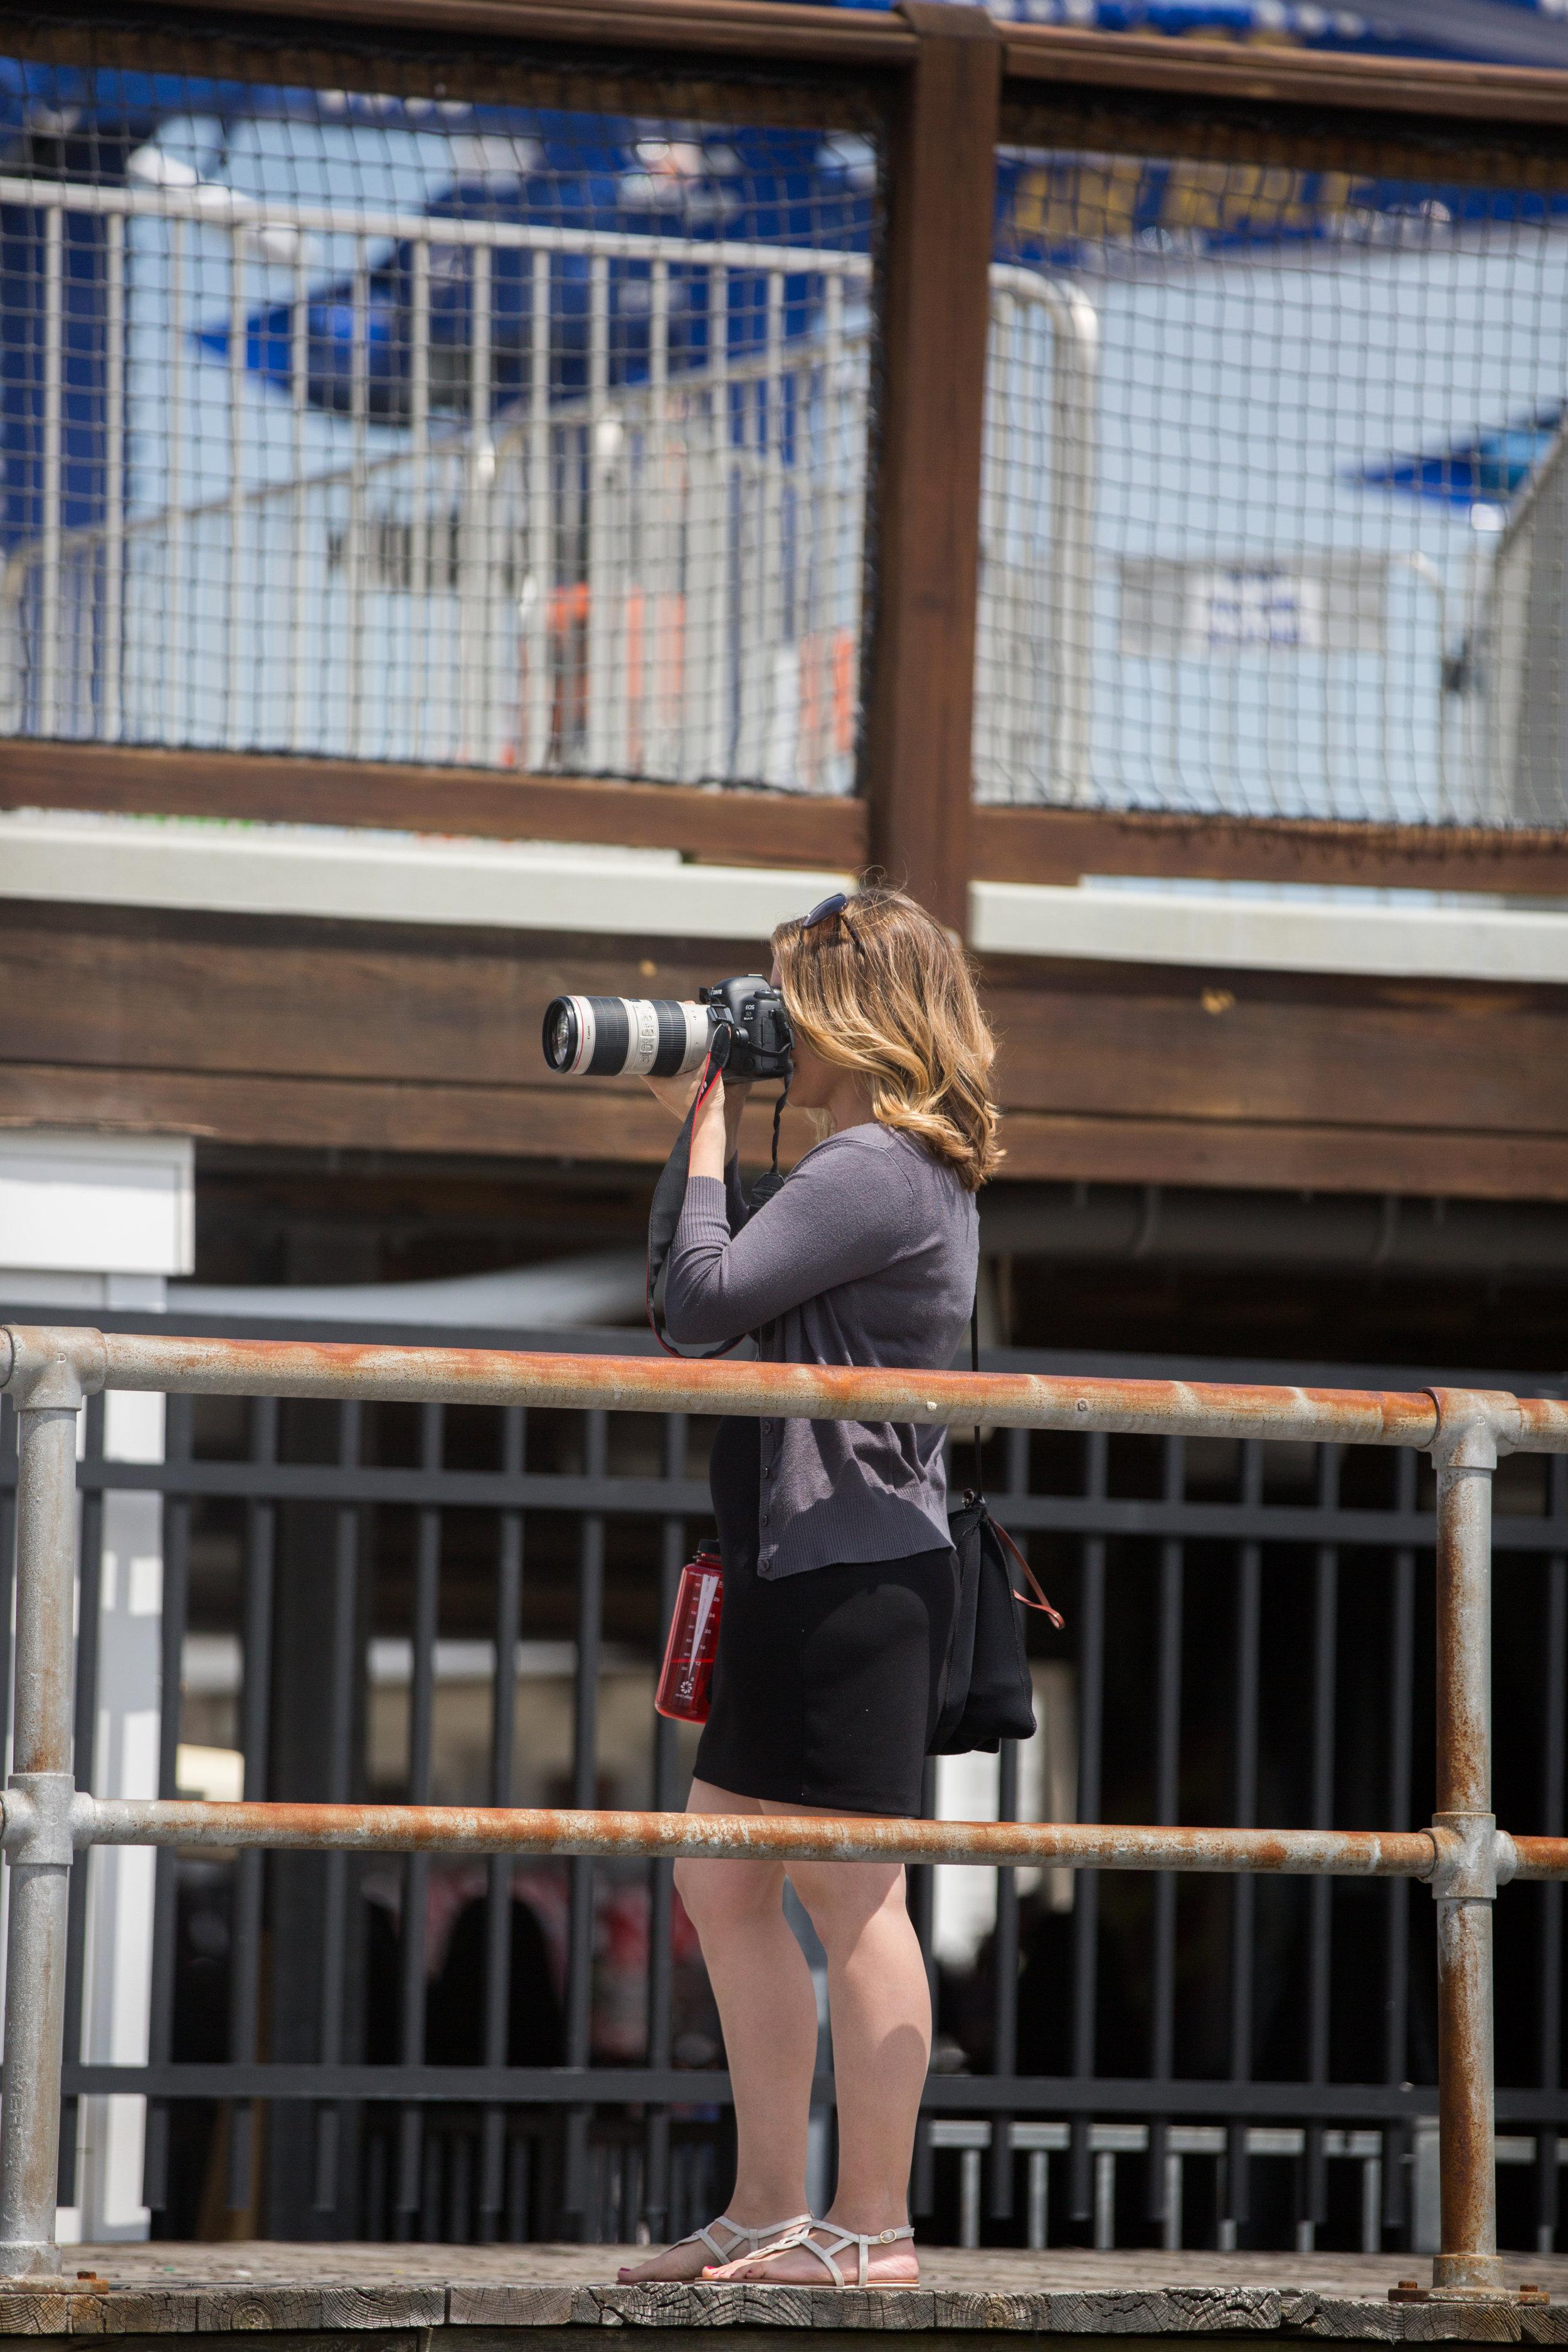 051119_Diana_Shooting_Flanders-1.jpg